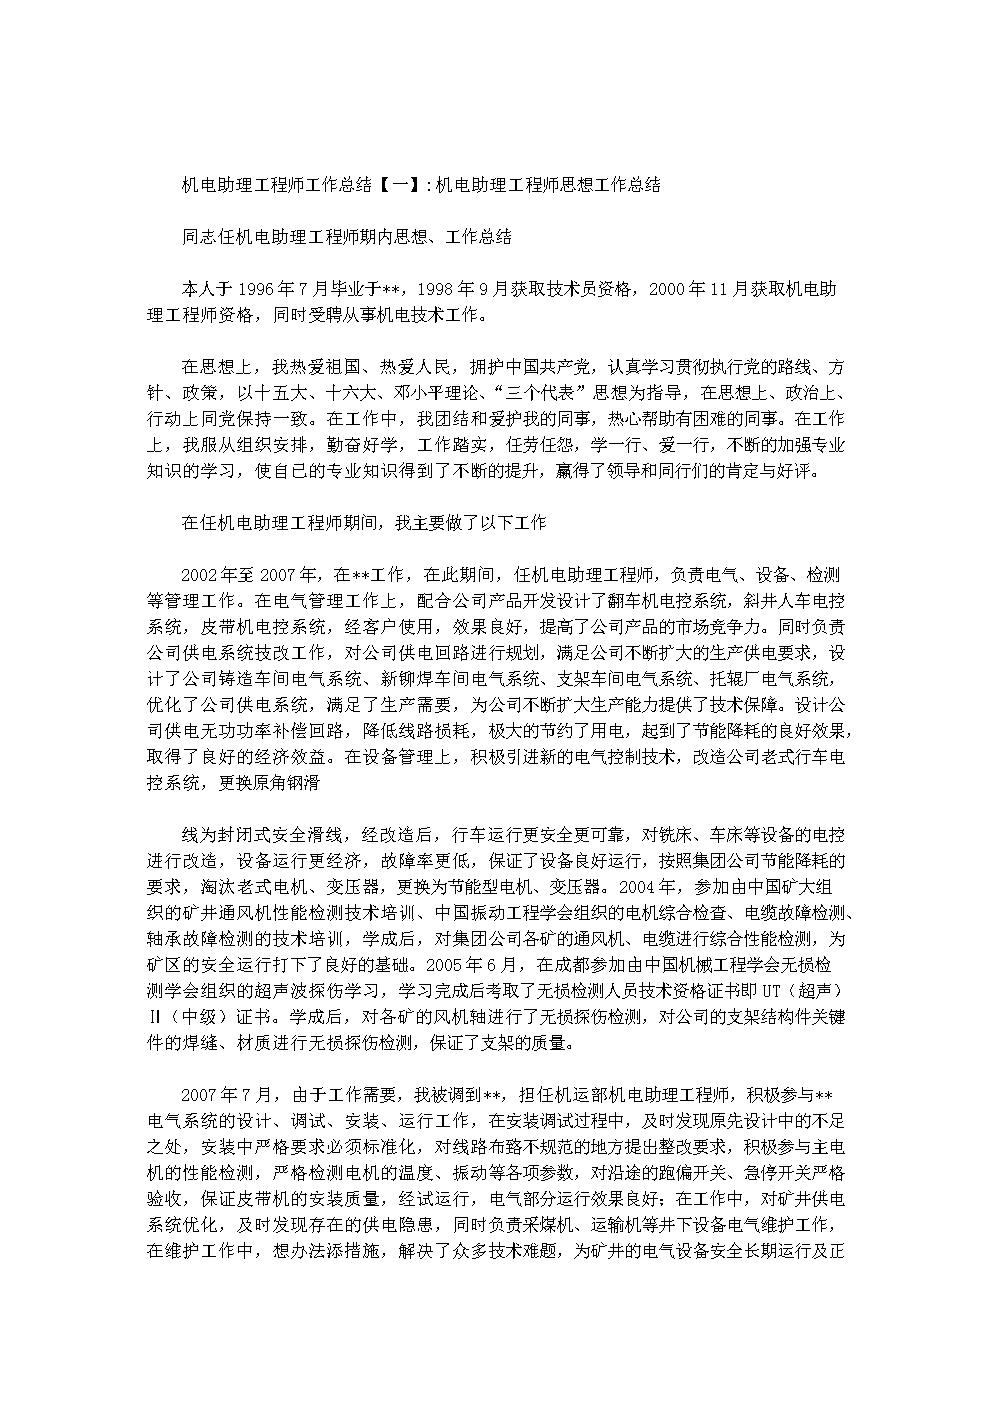 机电助理工程师工作总结范文.doc